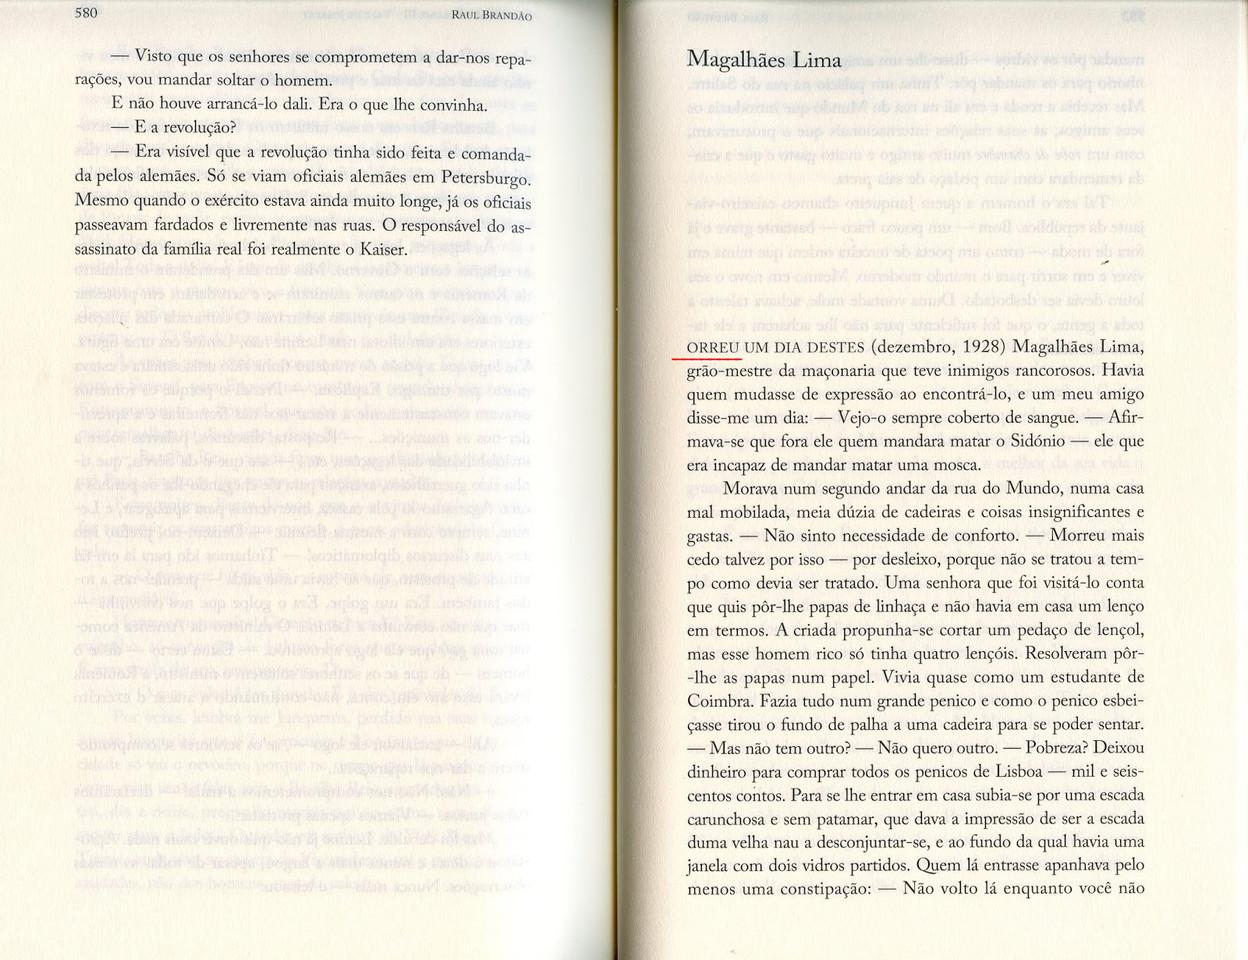 Raul Brandão, «Memórias», Quetzal, 2017, pp. 580-581.